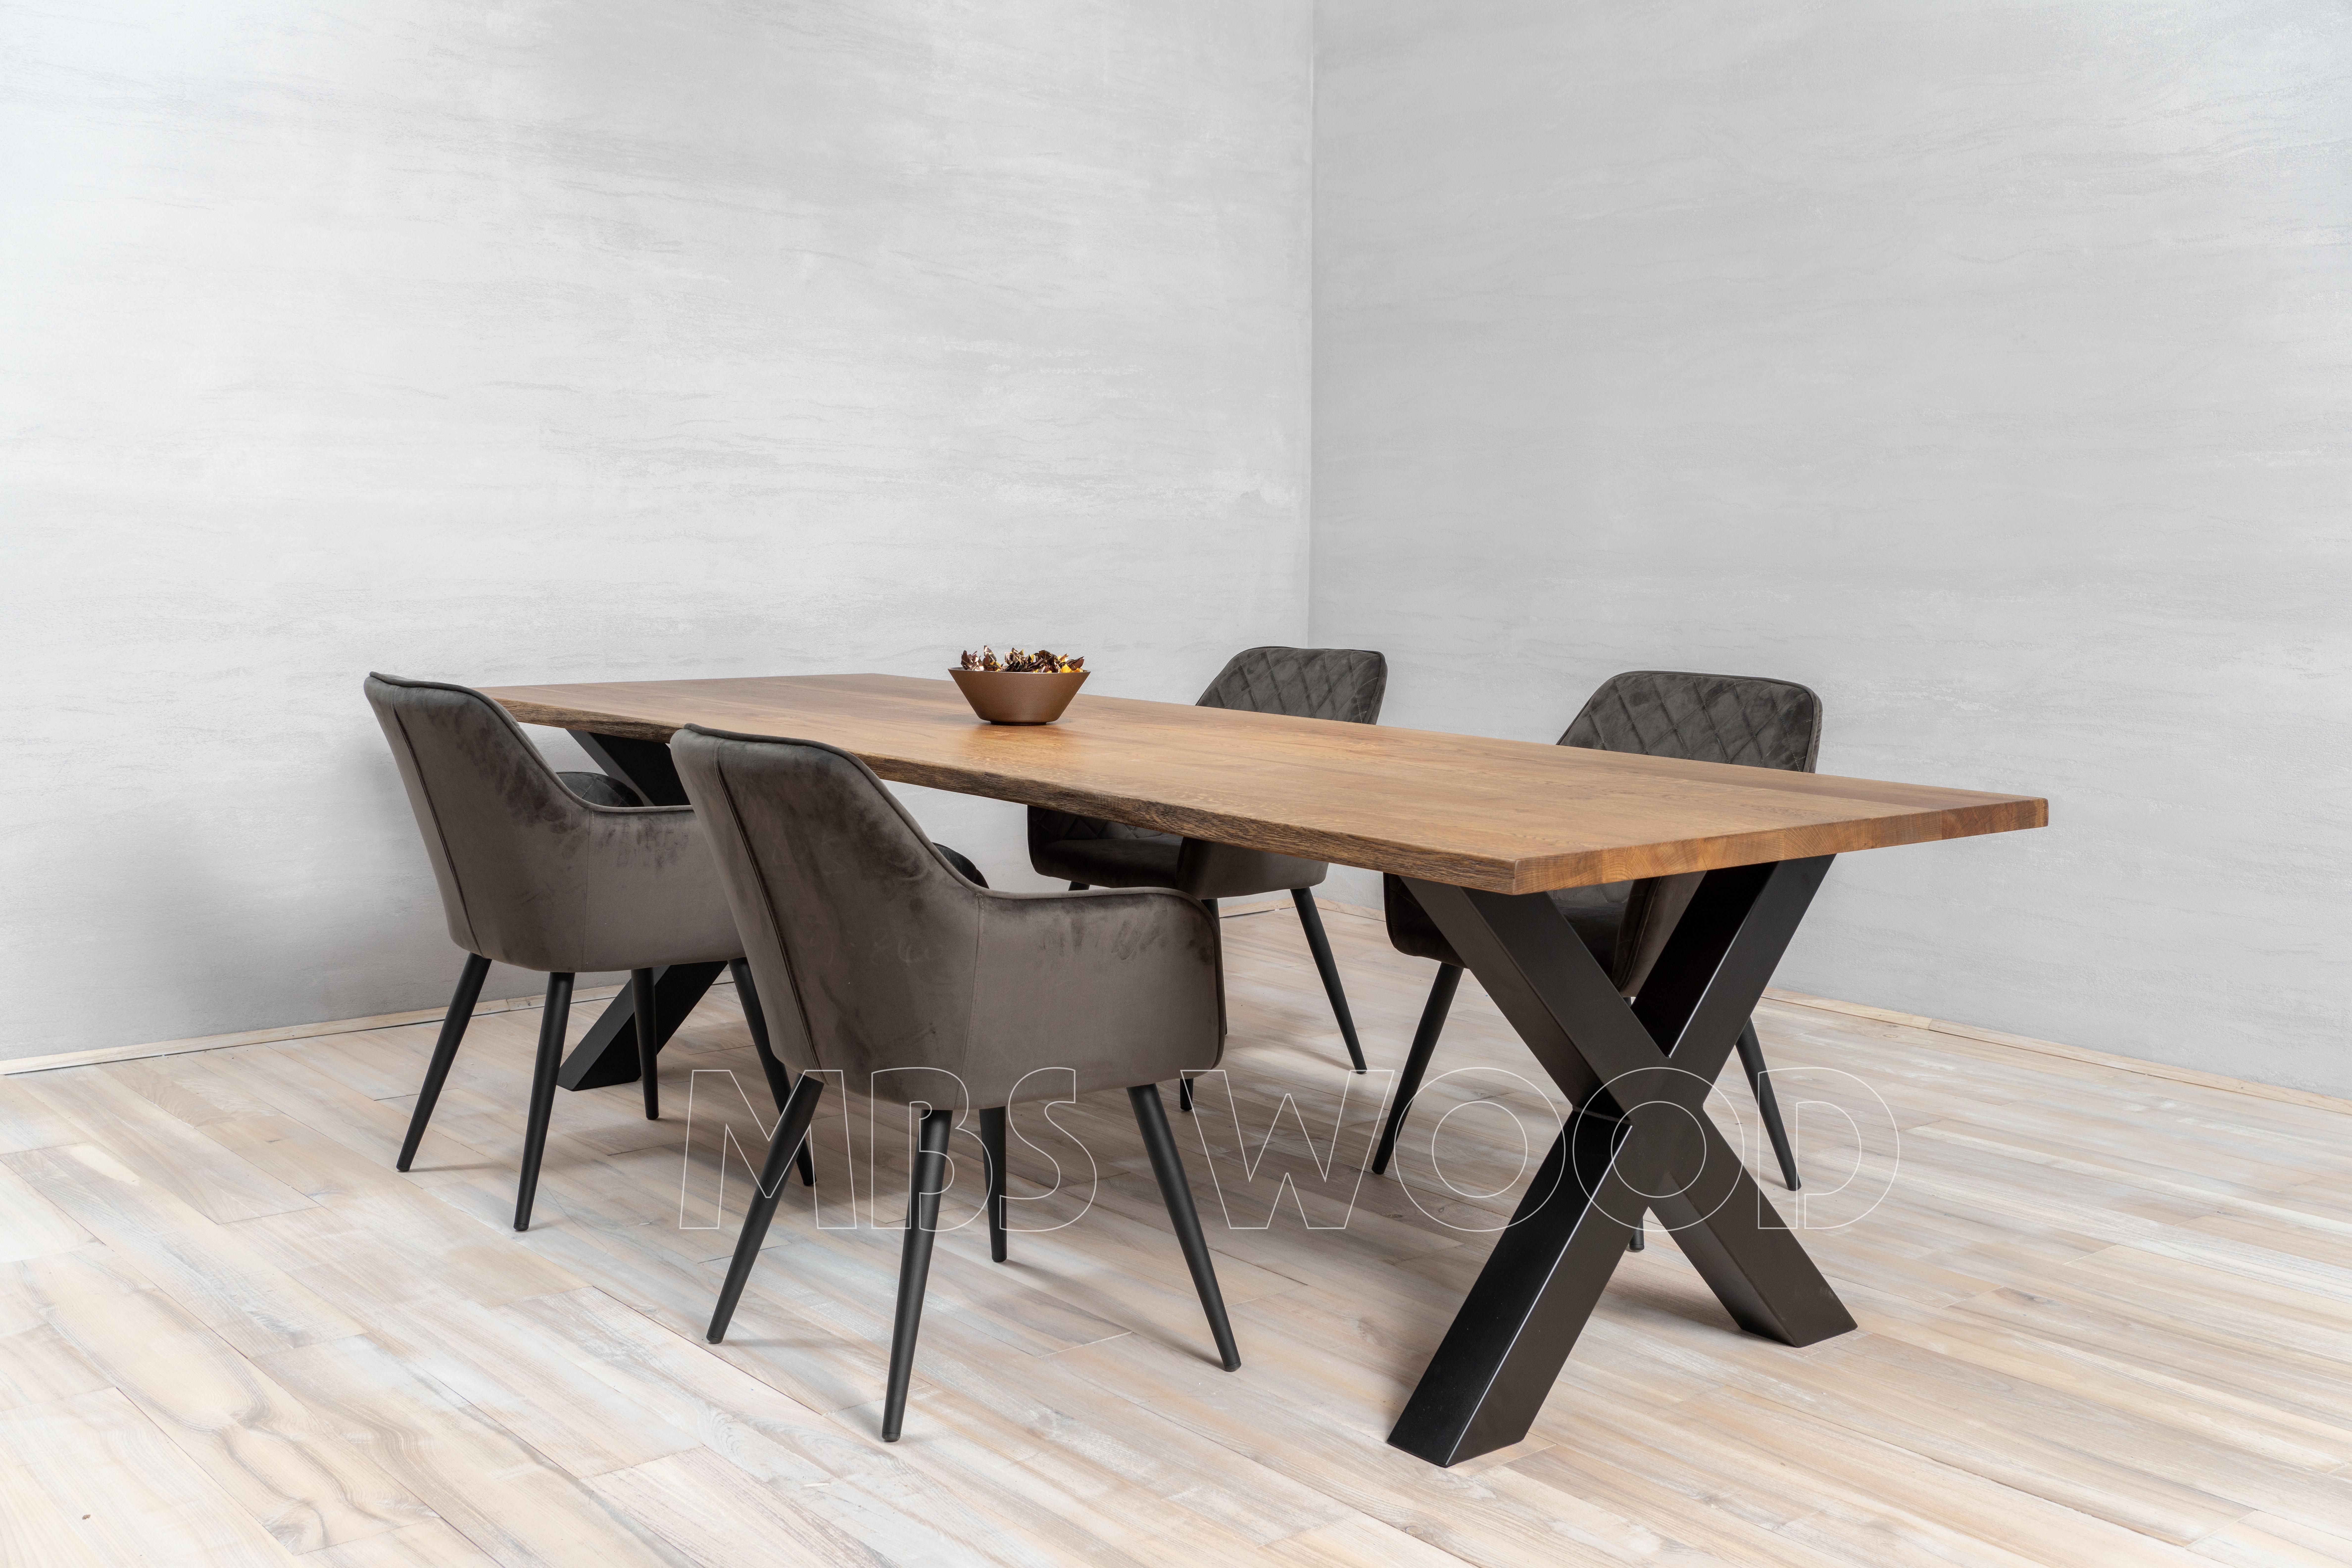 Productie van houten tafels van eiken mbswood.com